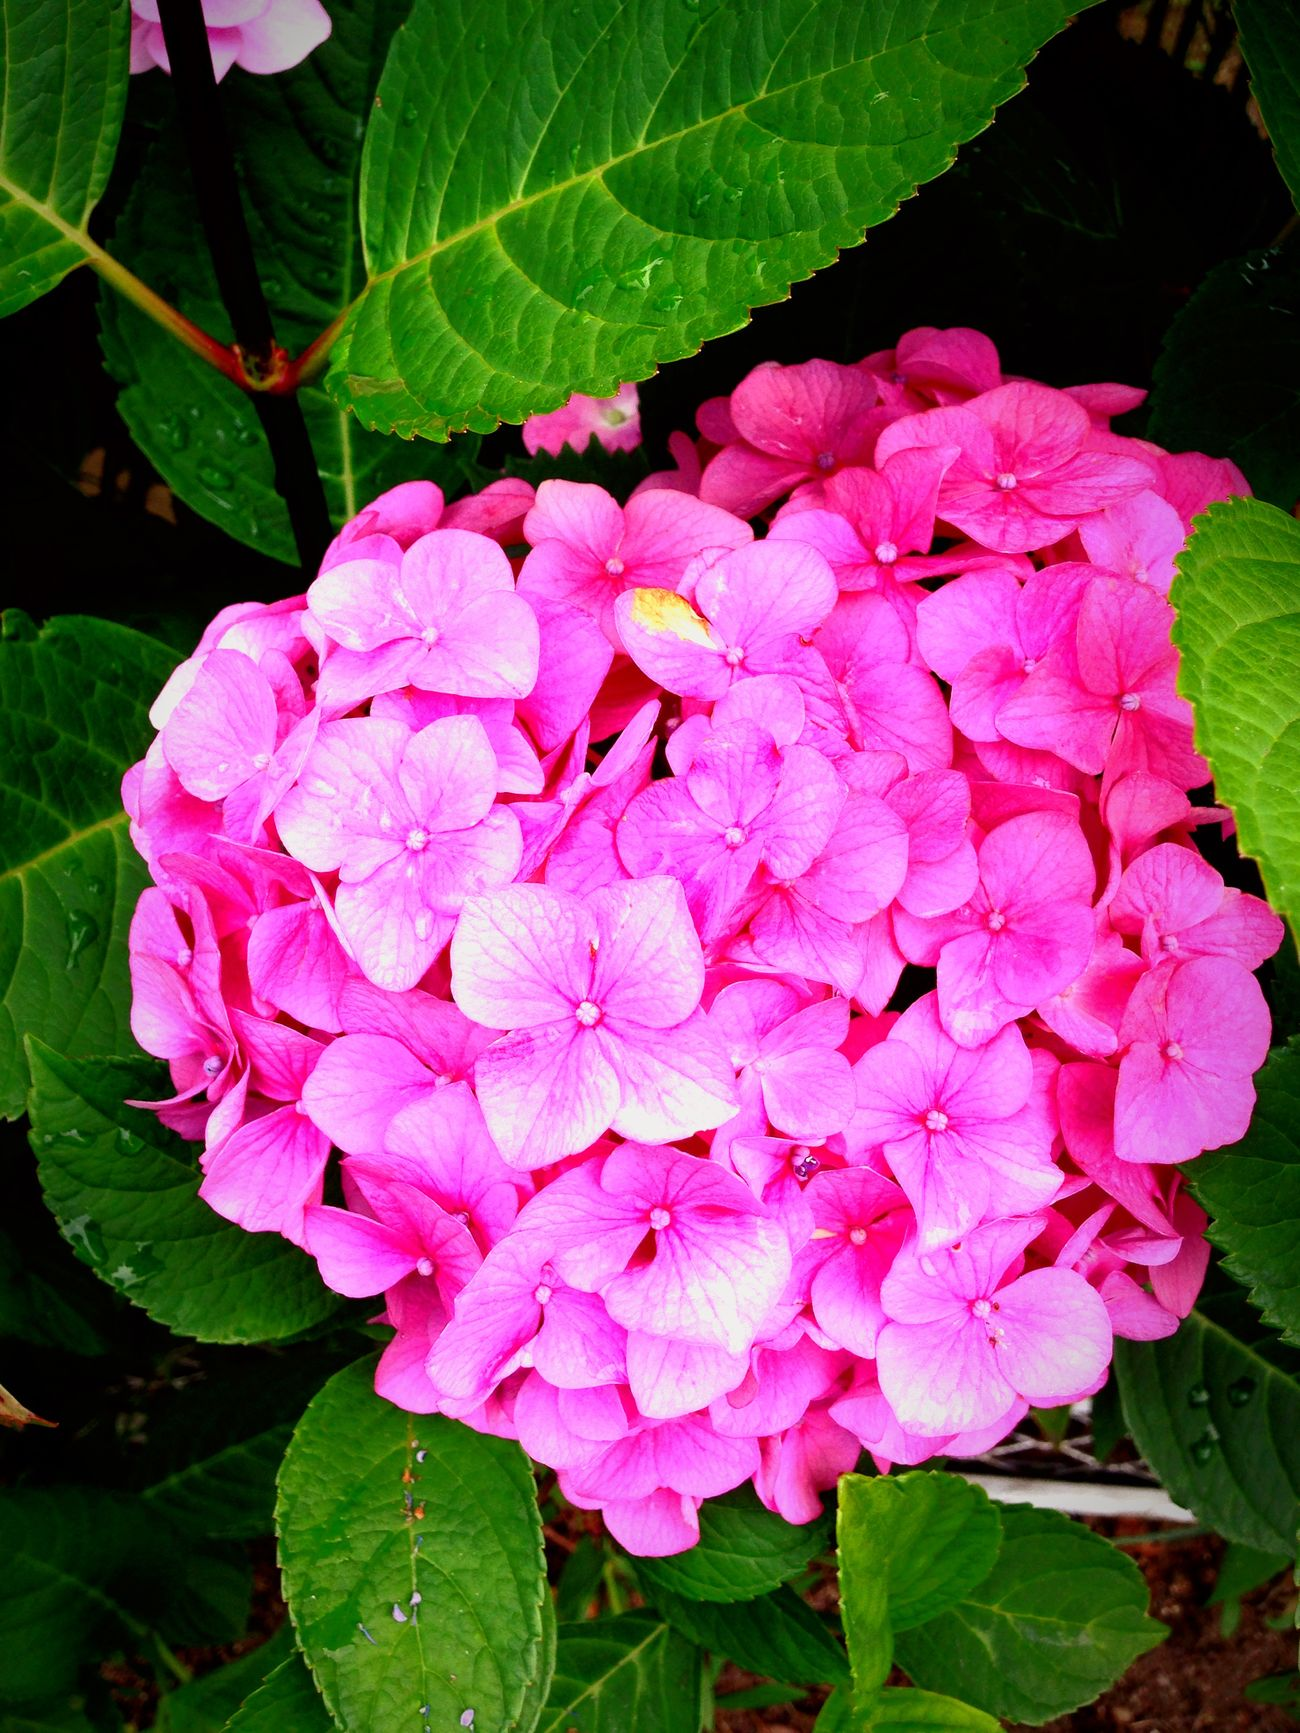 紫陽花 Flower Photo 花 Heart